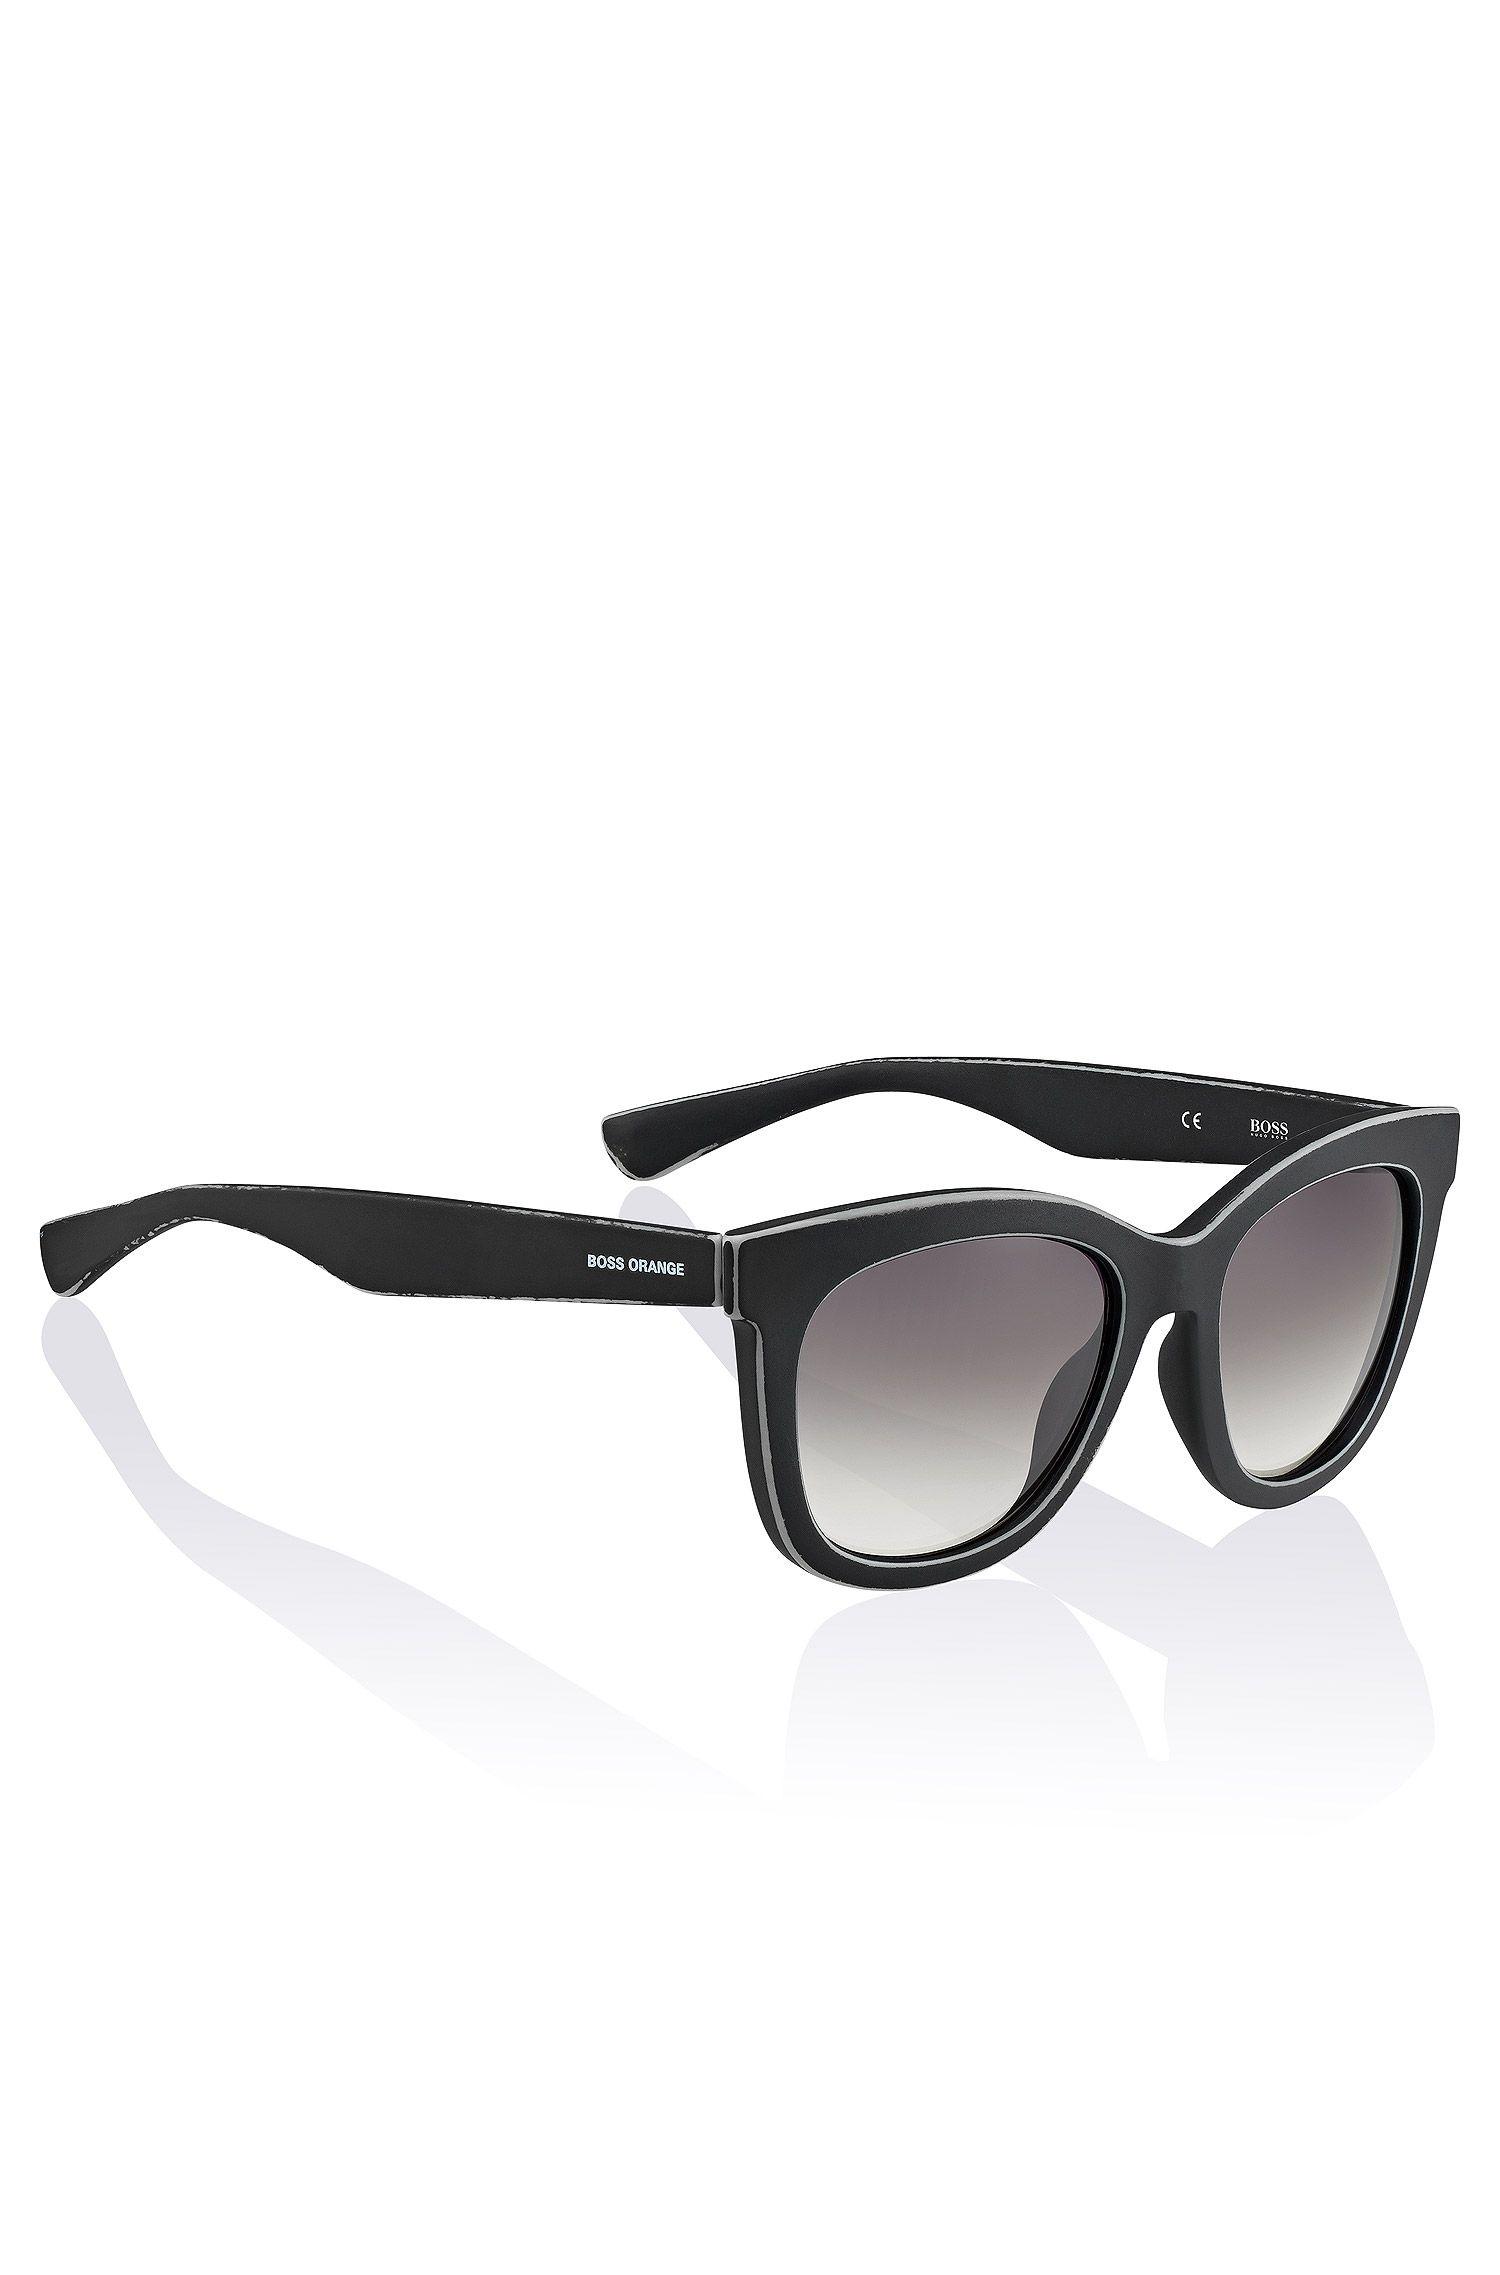 Gafas de sol Wayfarer 'BO 0199' en acetato